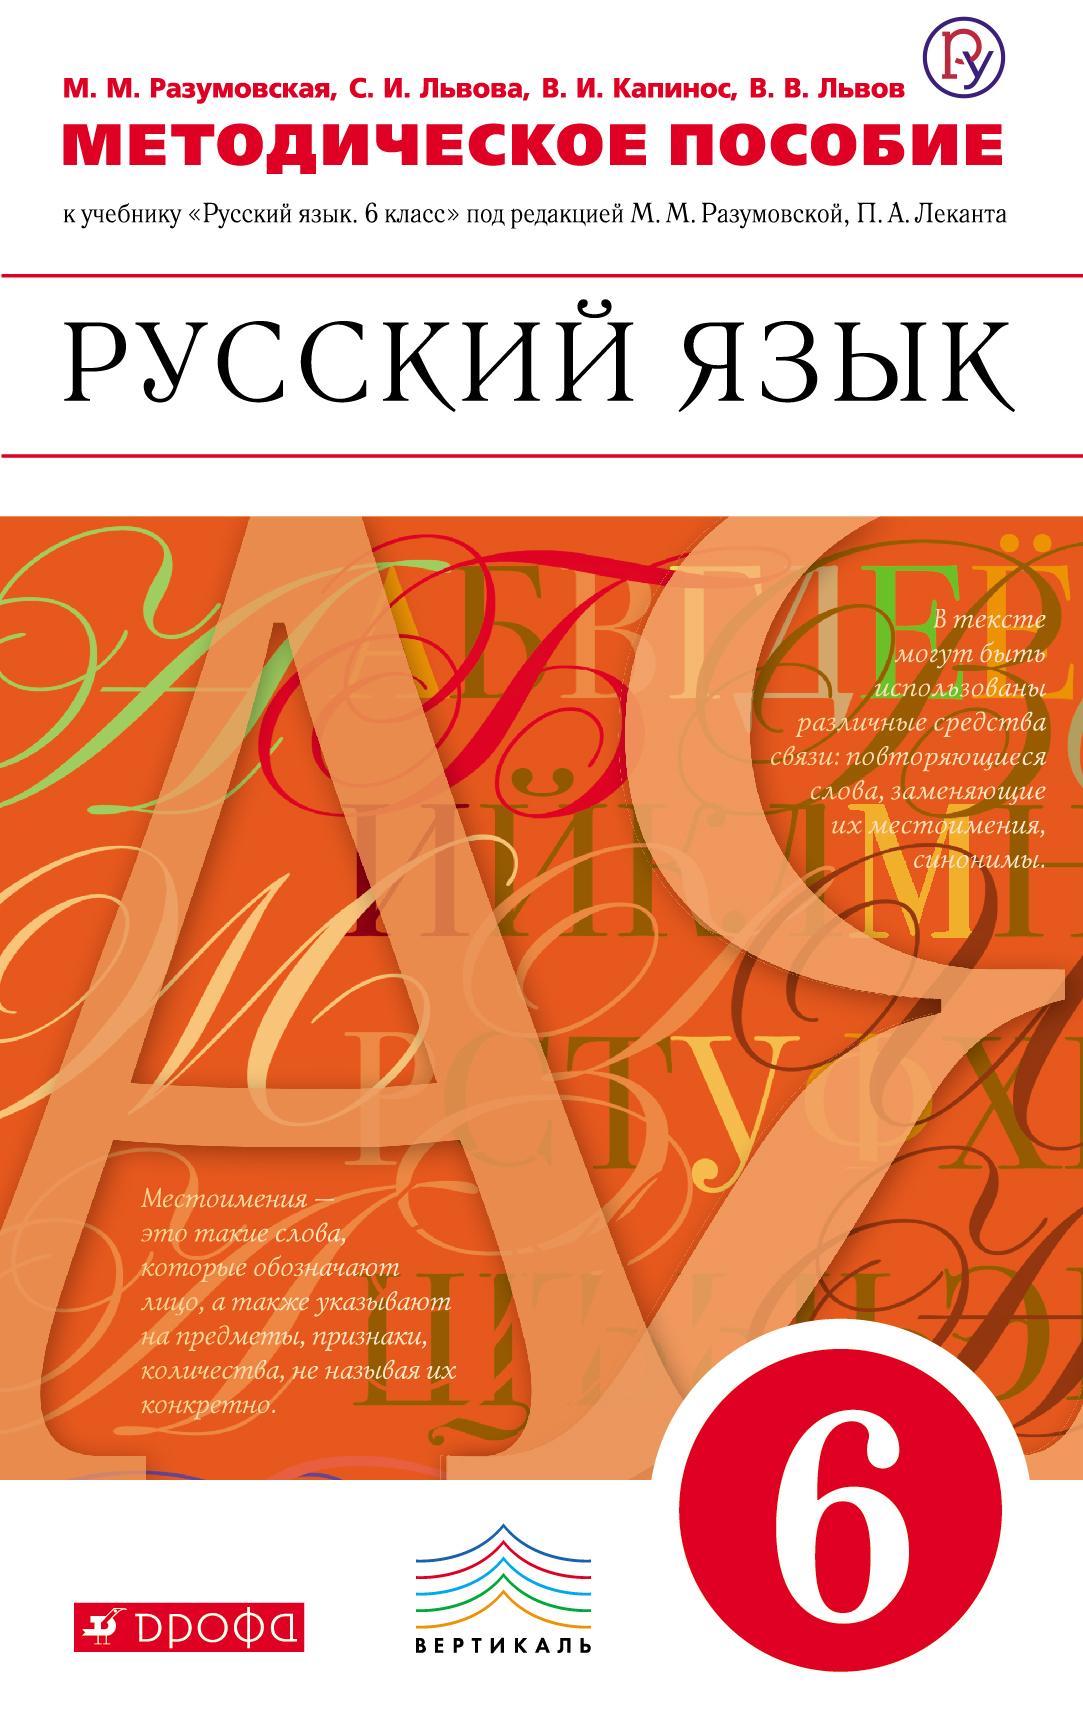 Содержание учебника львова по русскому языку 6 класс